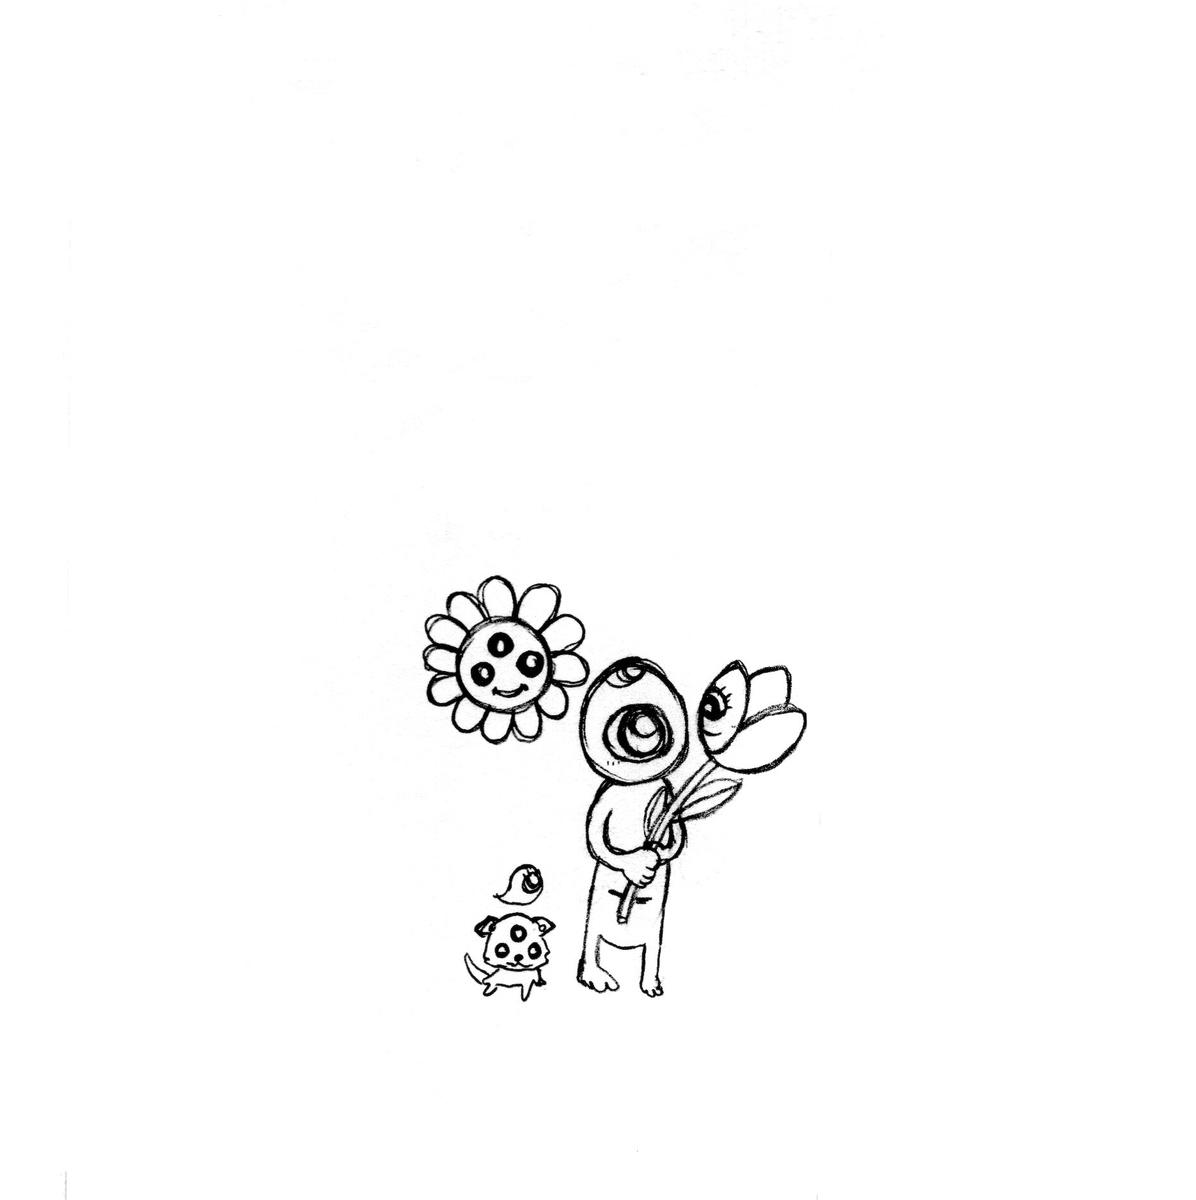 f:id:Narutok:20210116165447j:plain